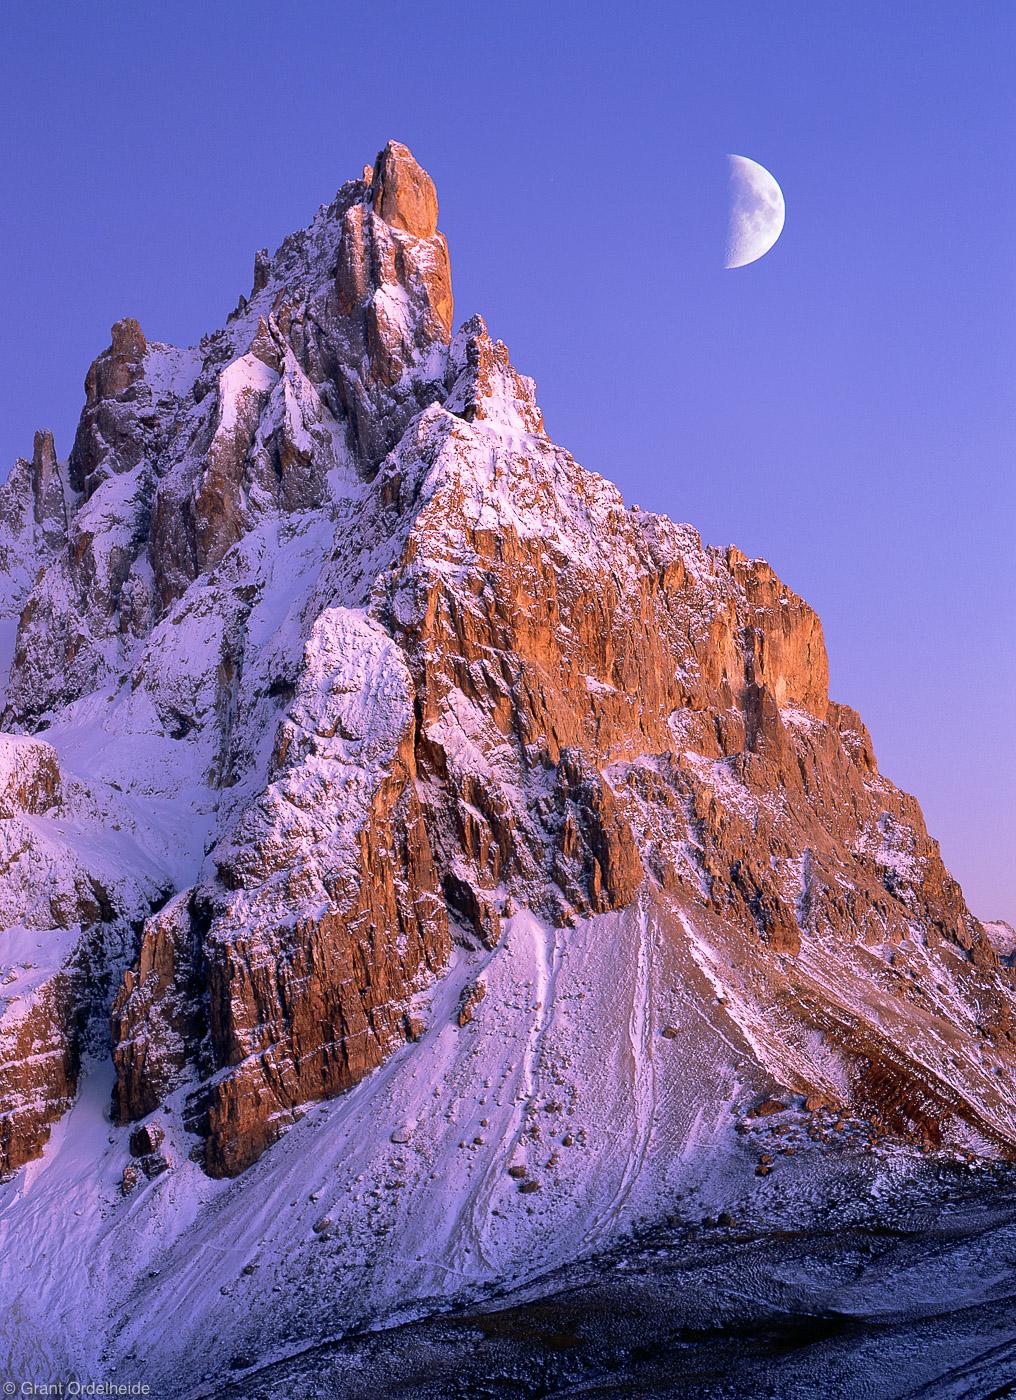 pala, cimon, della, italy, san martino di castrozza, moon, sunset, double exposure, film, beautiful, night, photo